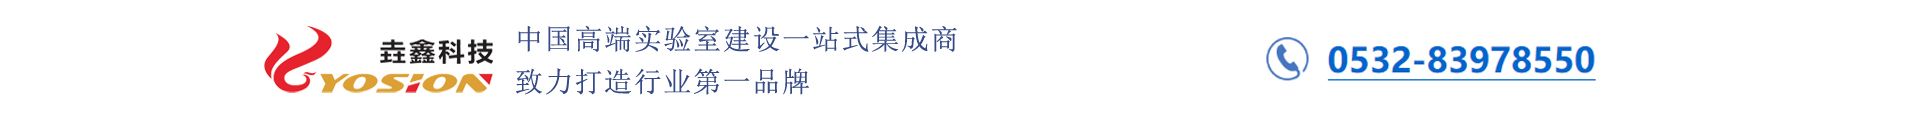 青島垚鑫實驗室科技有限公司